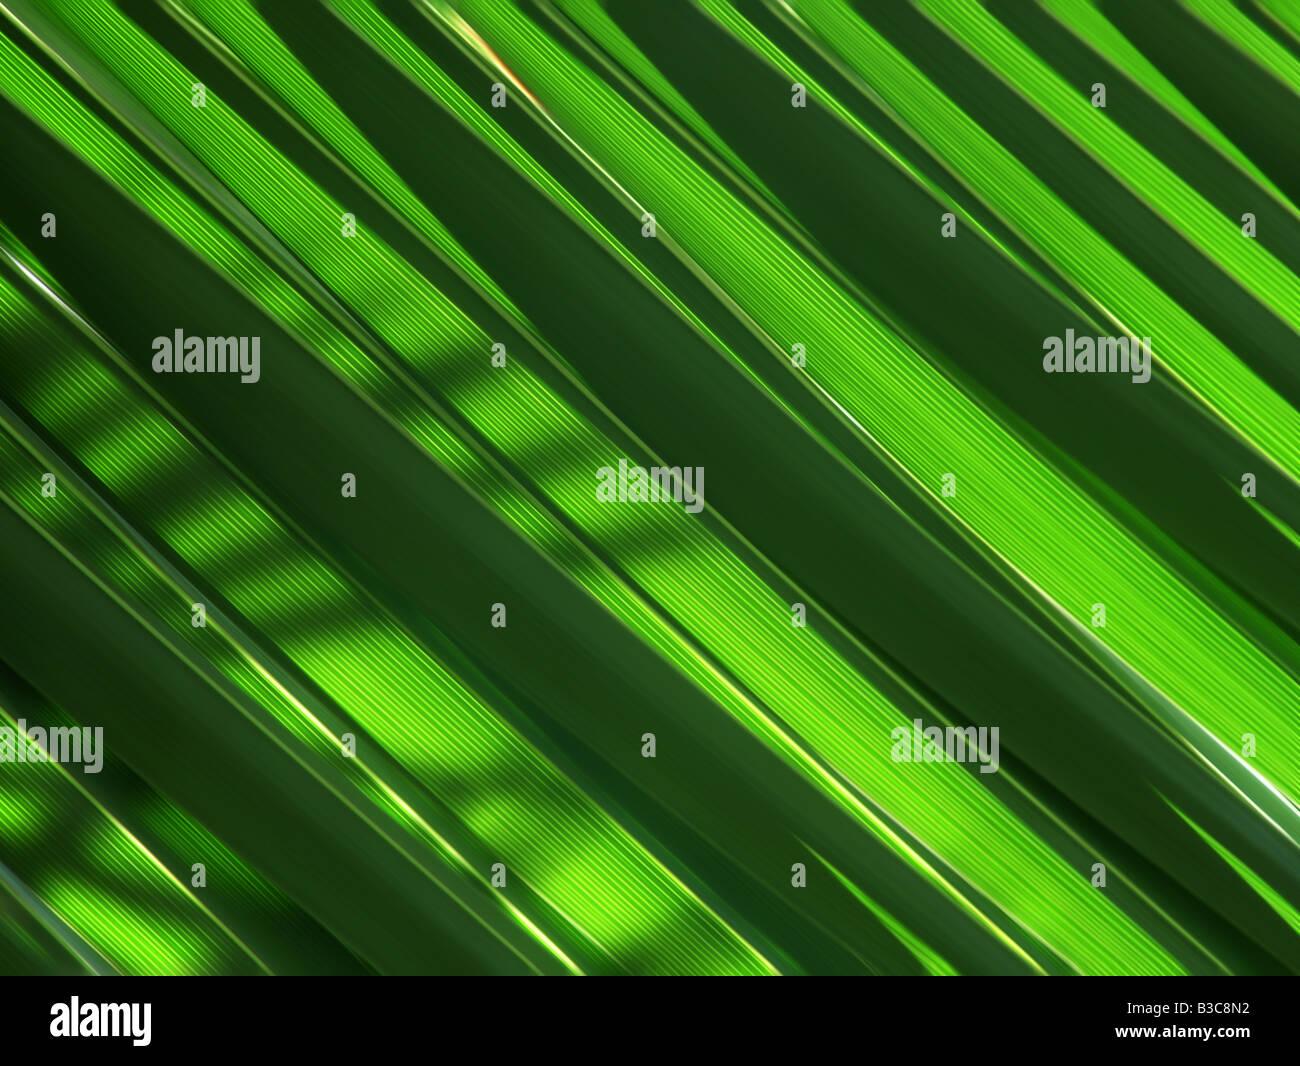 Grüne Palmblätter Blatt frischen hellen Farbton Pflanze grün exotische grün, Palmen, Blätter, Hintergrund, frisch, Blatt, Palmen, Hintergrund, Stockfoto